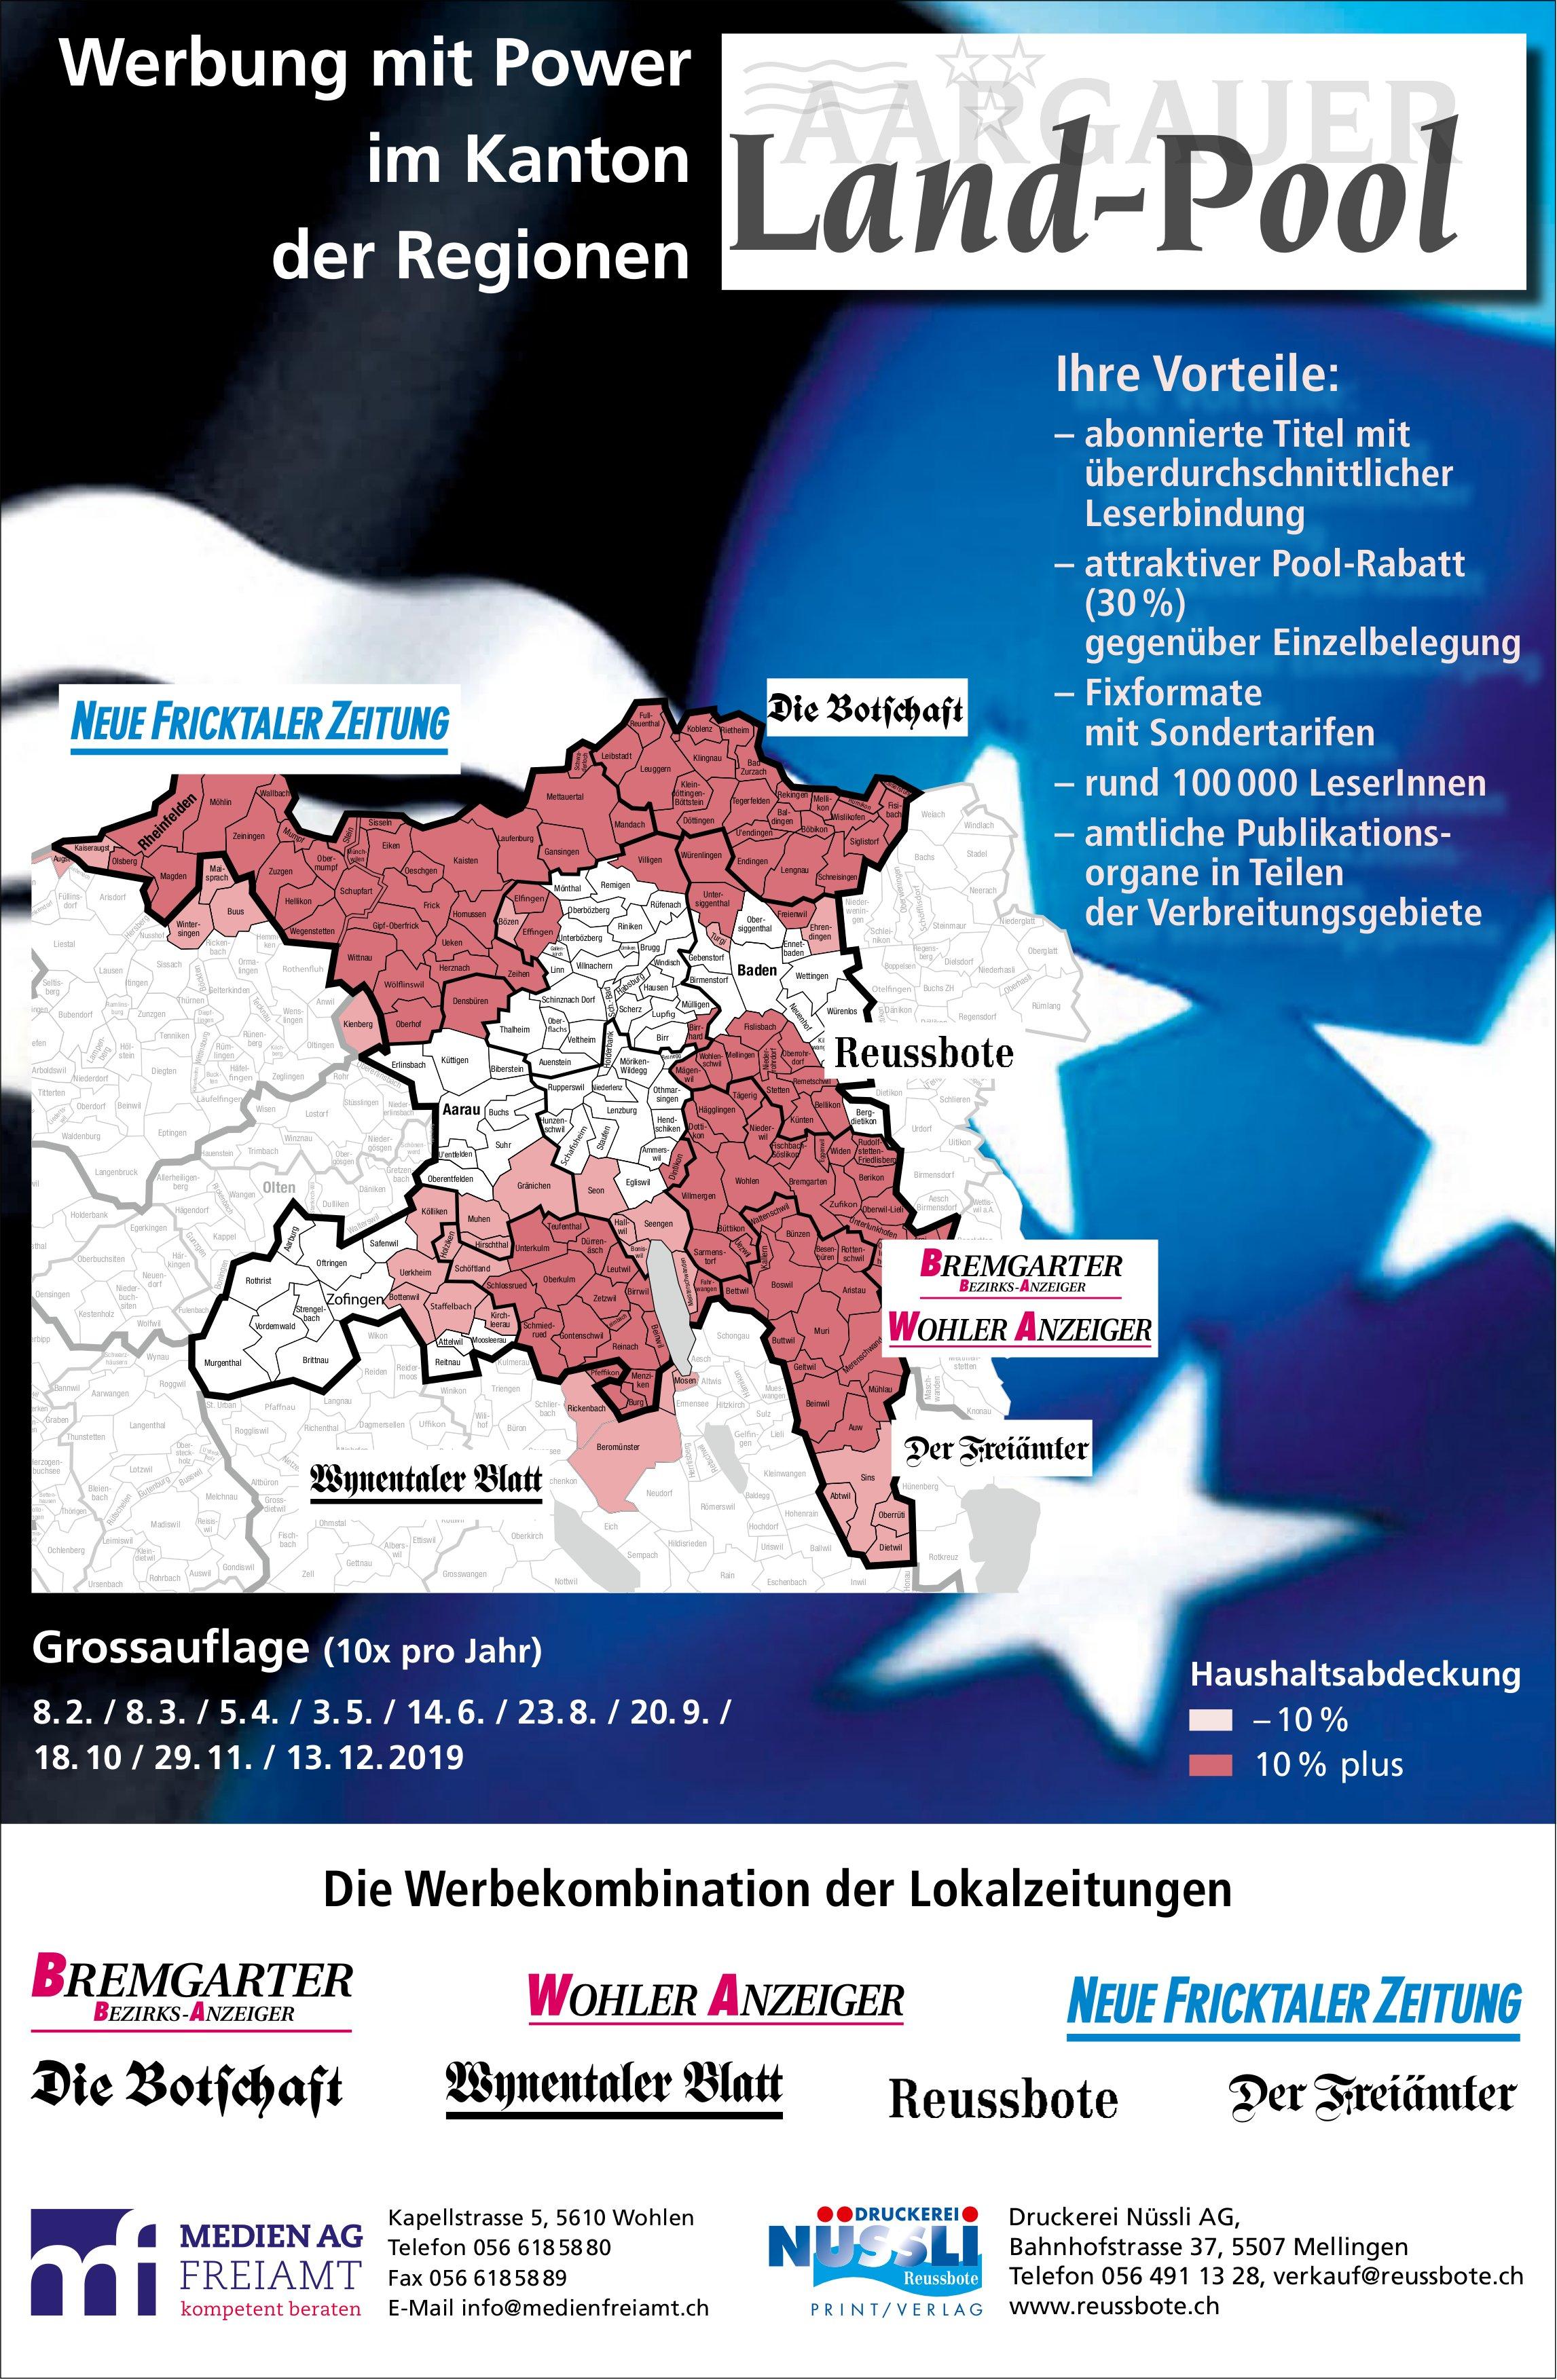 Werbung mit Power im Kanton der Regionen: Aargauer Land-Pool